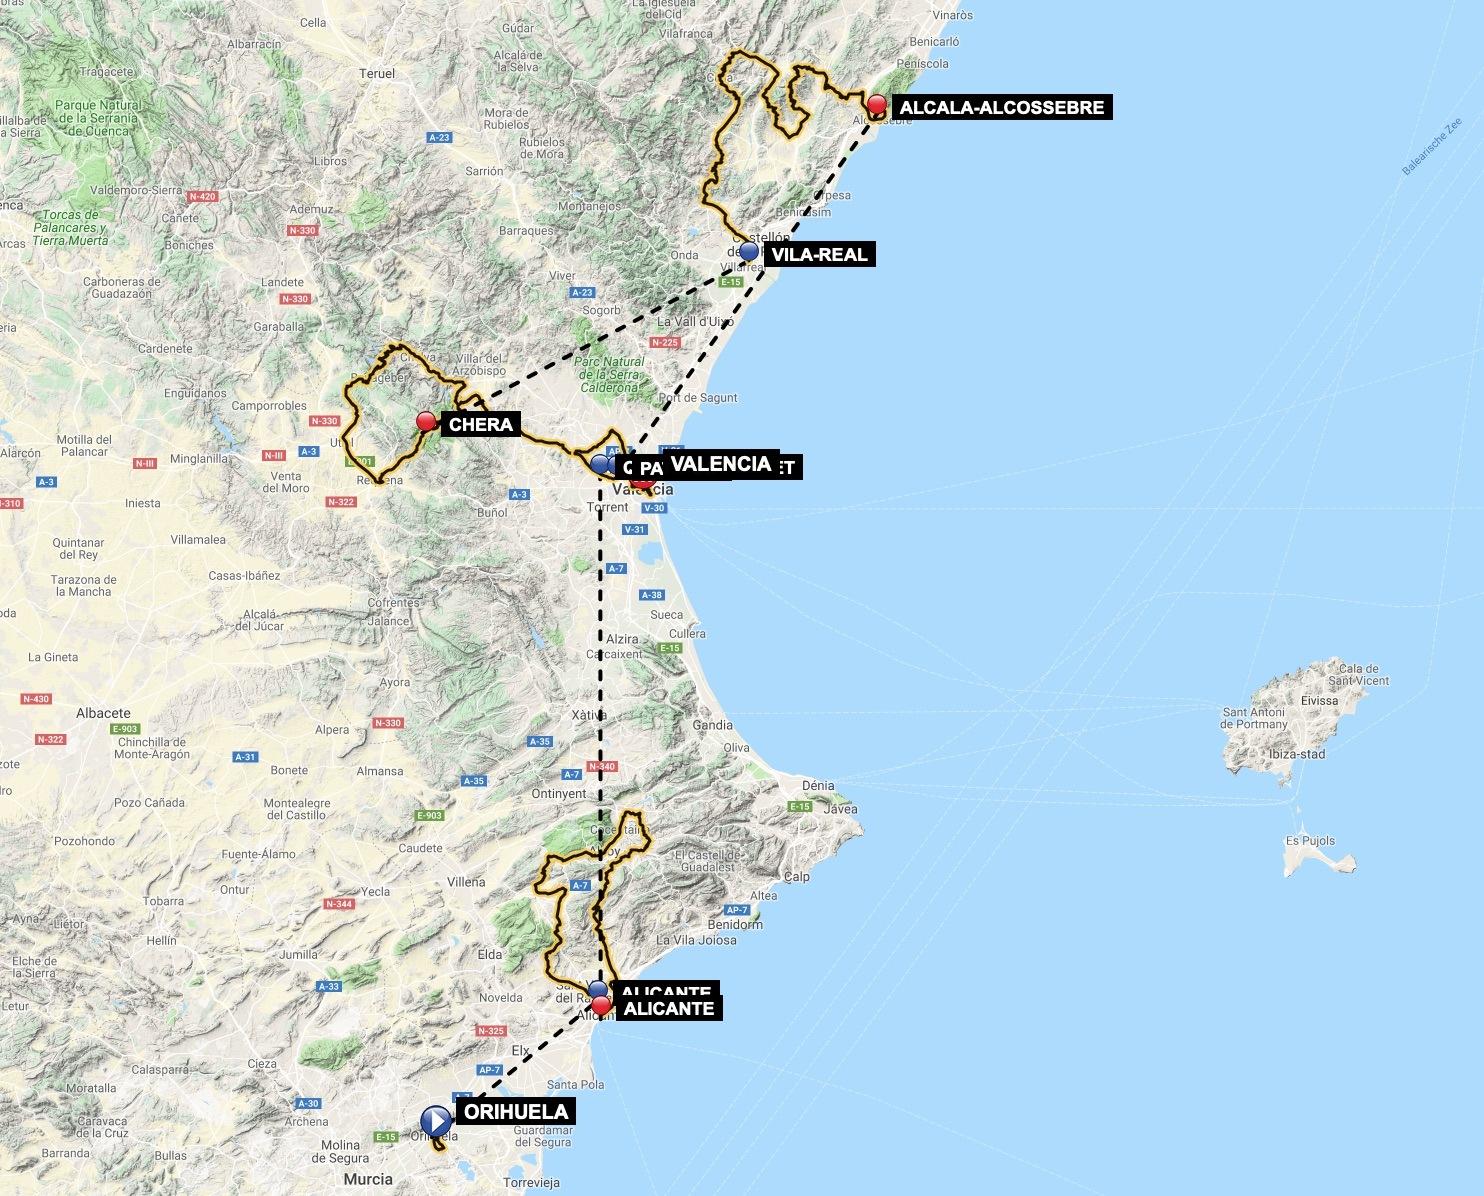 vuelta a la comunidad valenciana 2019 map ca754d1680 - Alzira Radio notícies d'Alzira